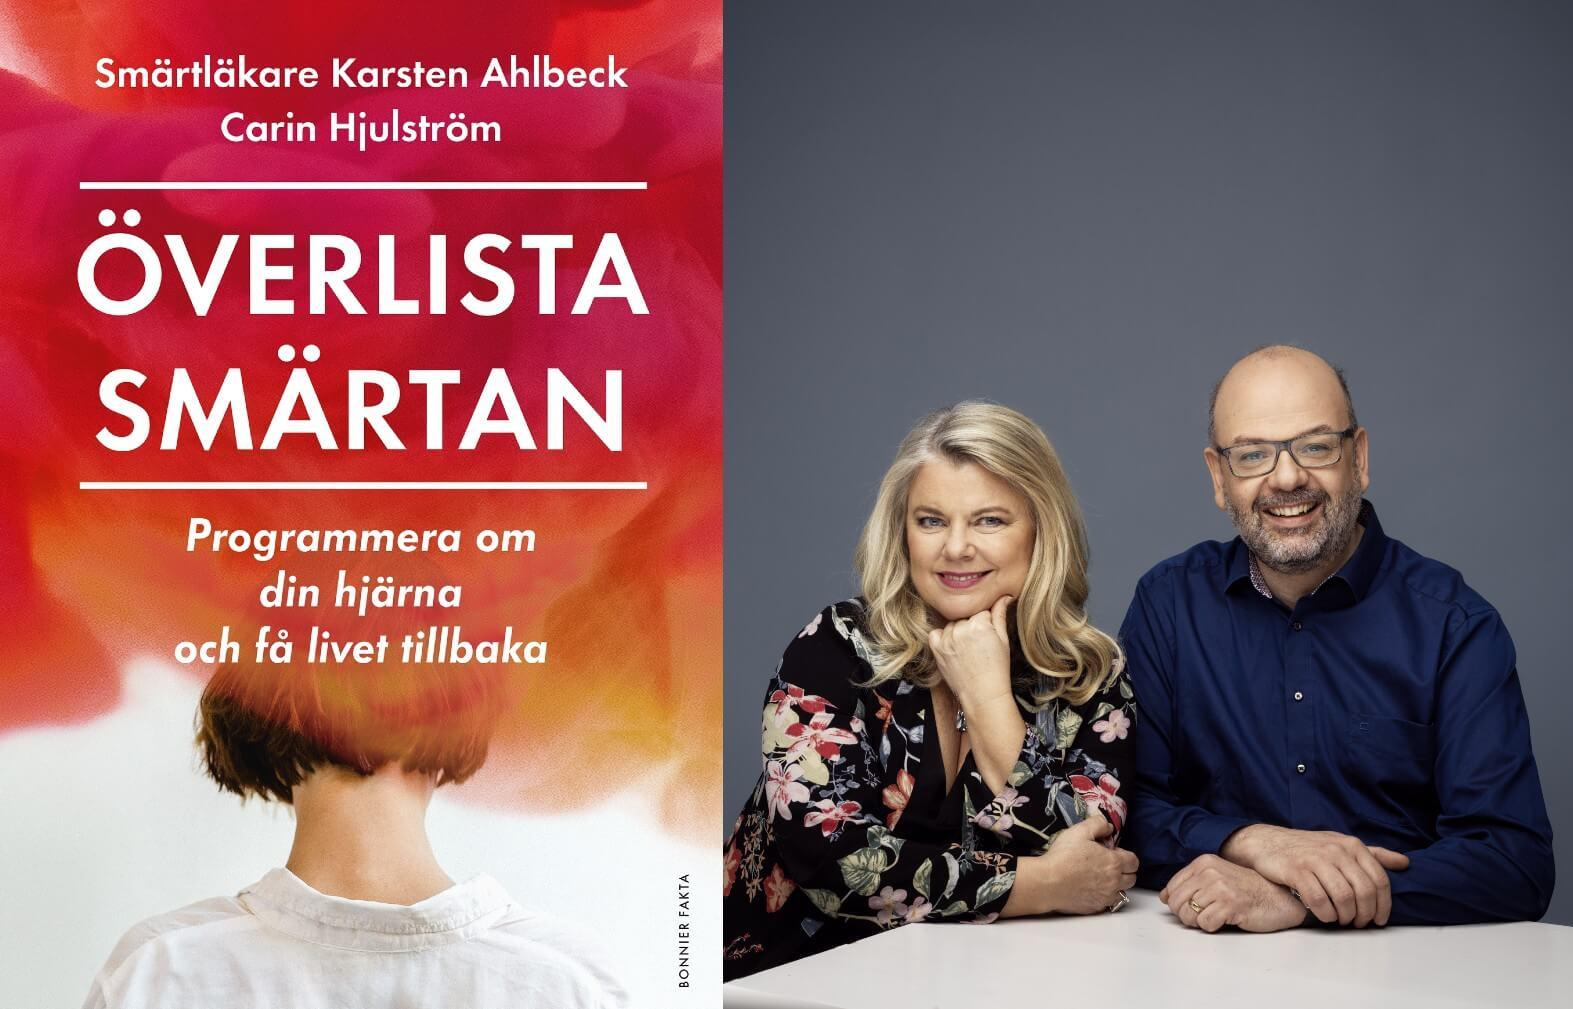 """Carin Hjulström och Karsten Ahlbeck, författare till boken """"Överlista smärtan""""."""